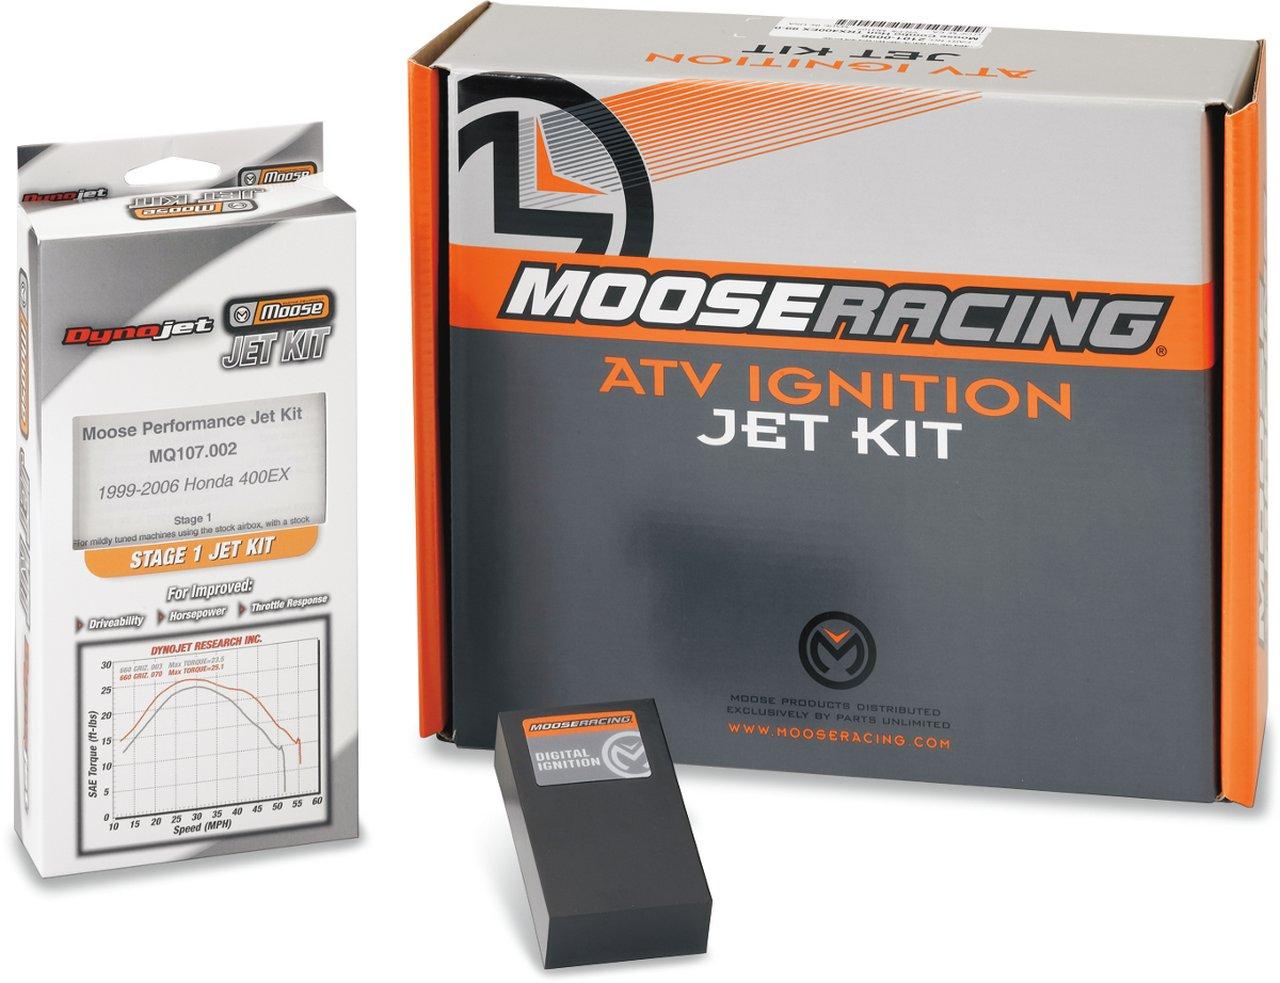 【MOOSE RACING】噴射套件/點火模組 [2101-0101] - 「Webike-摩托百貨」